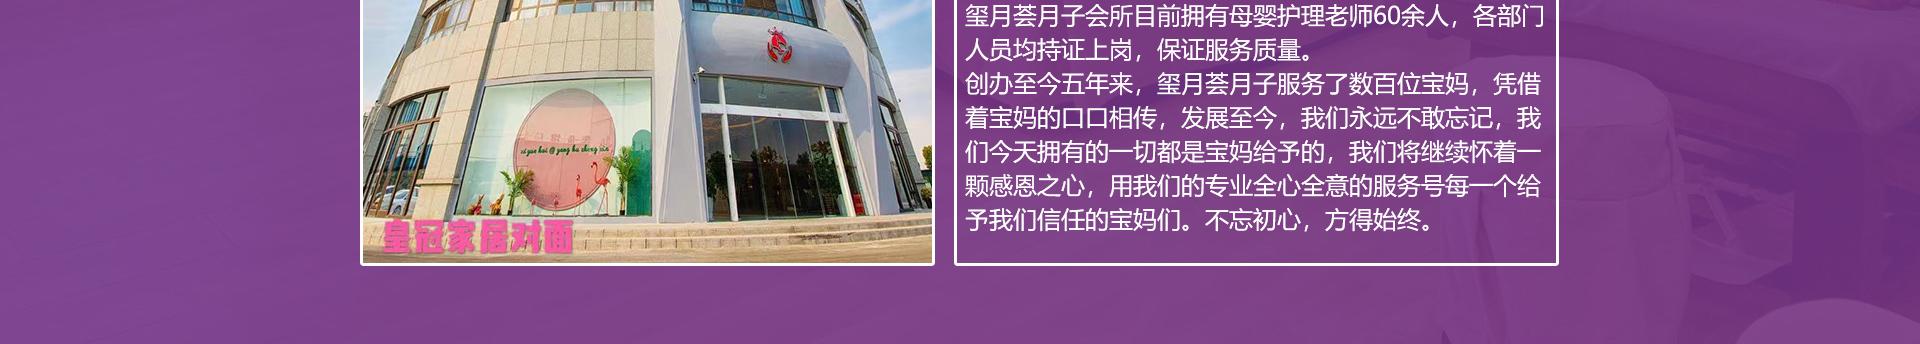 璽月薈母嬰護理中心 xyh_08